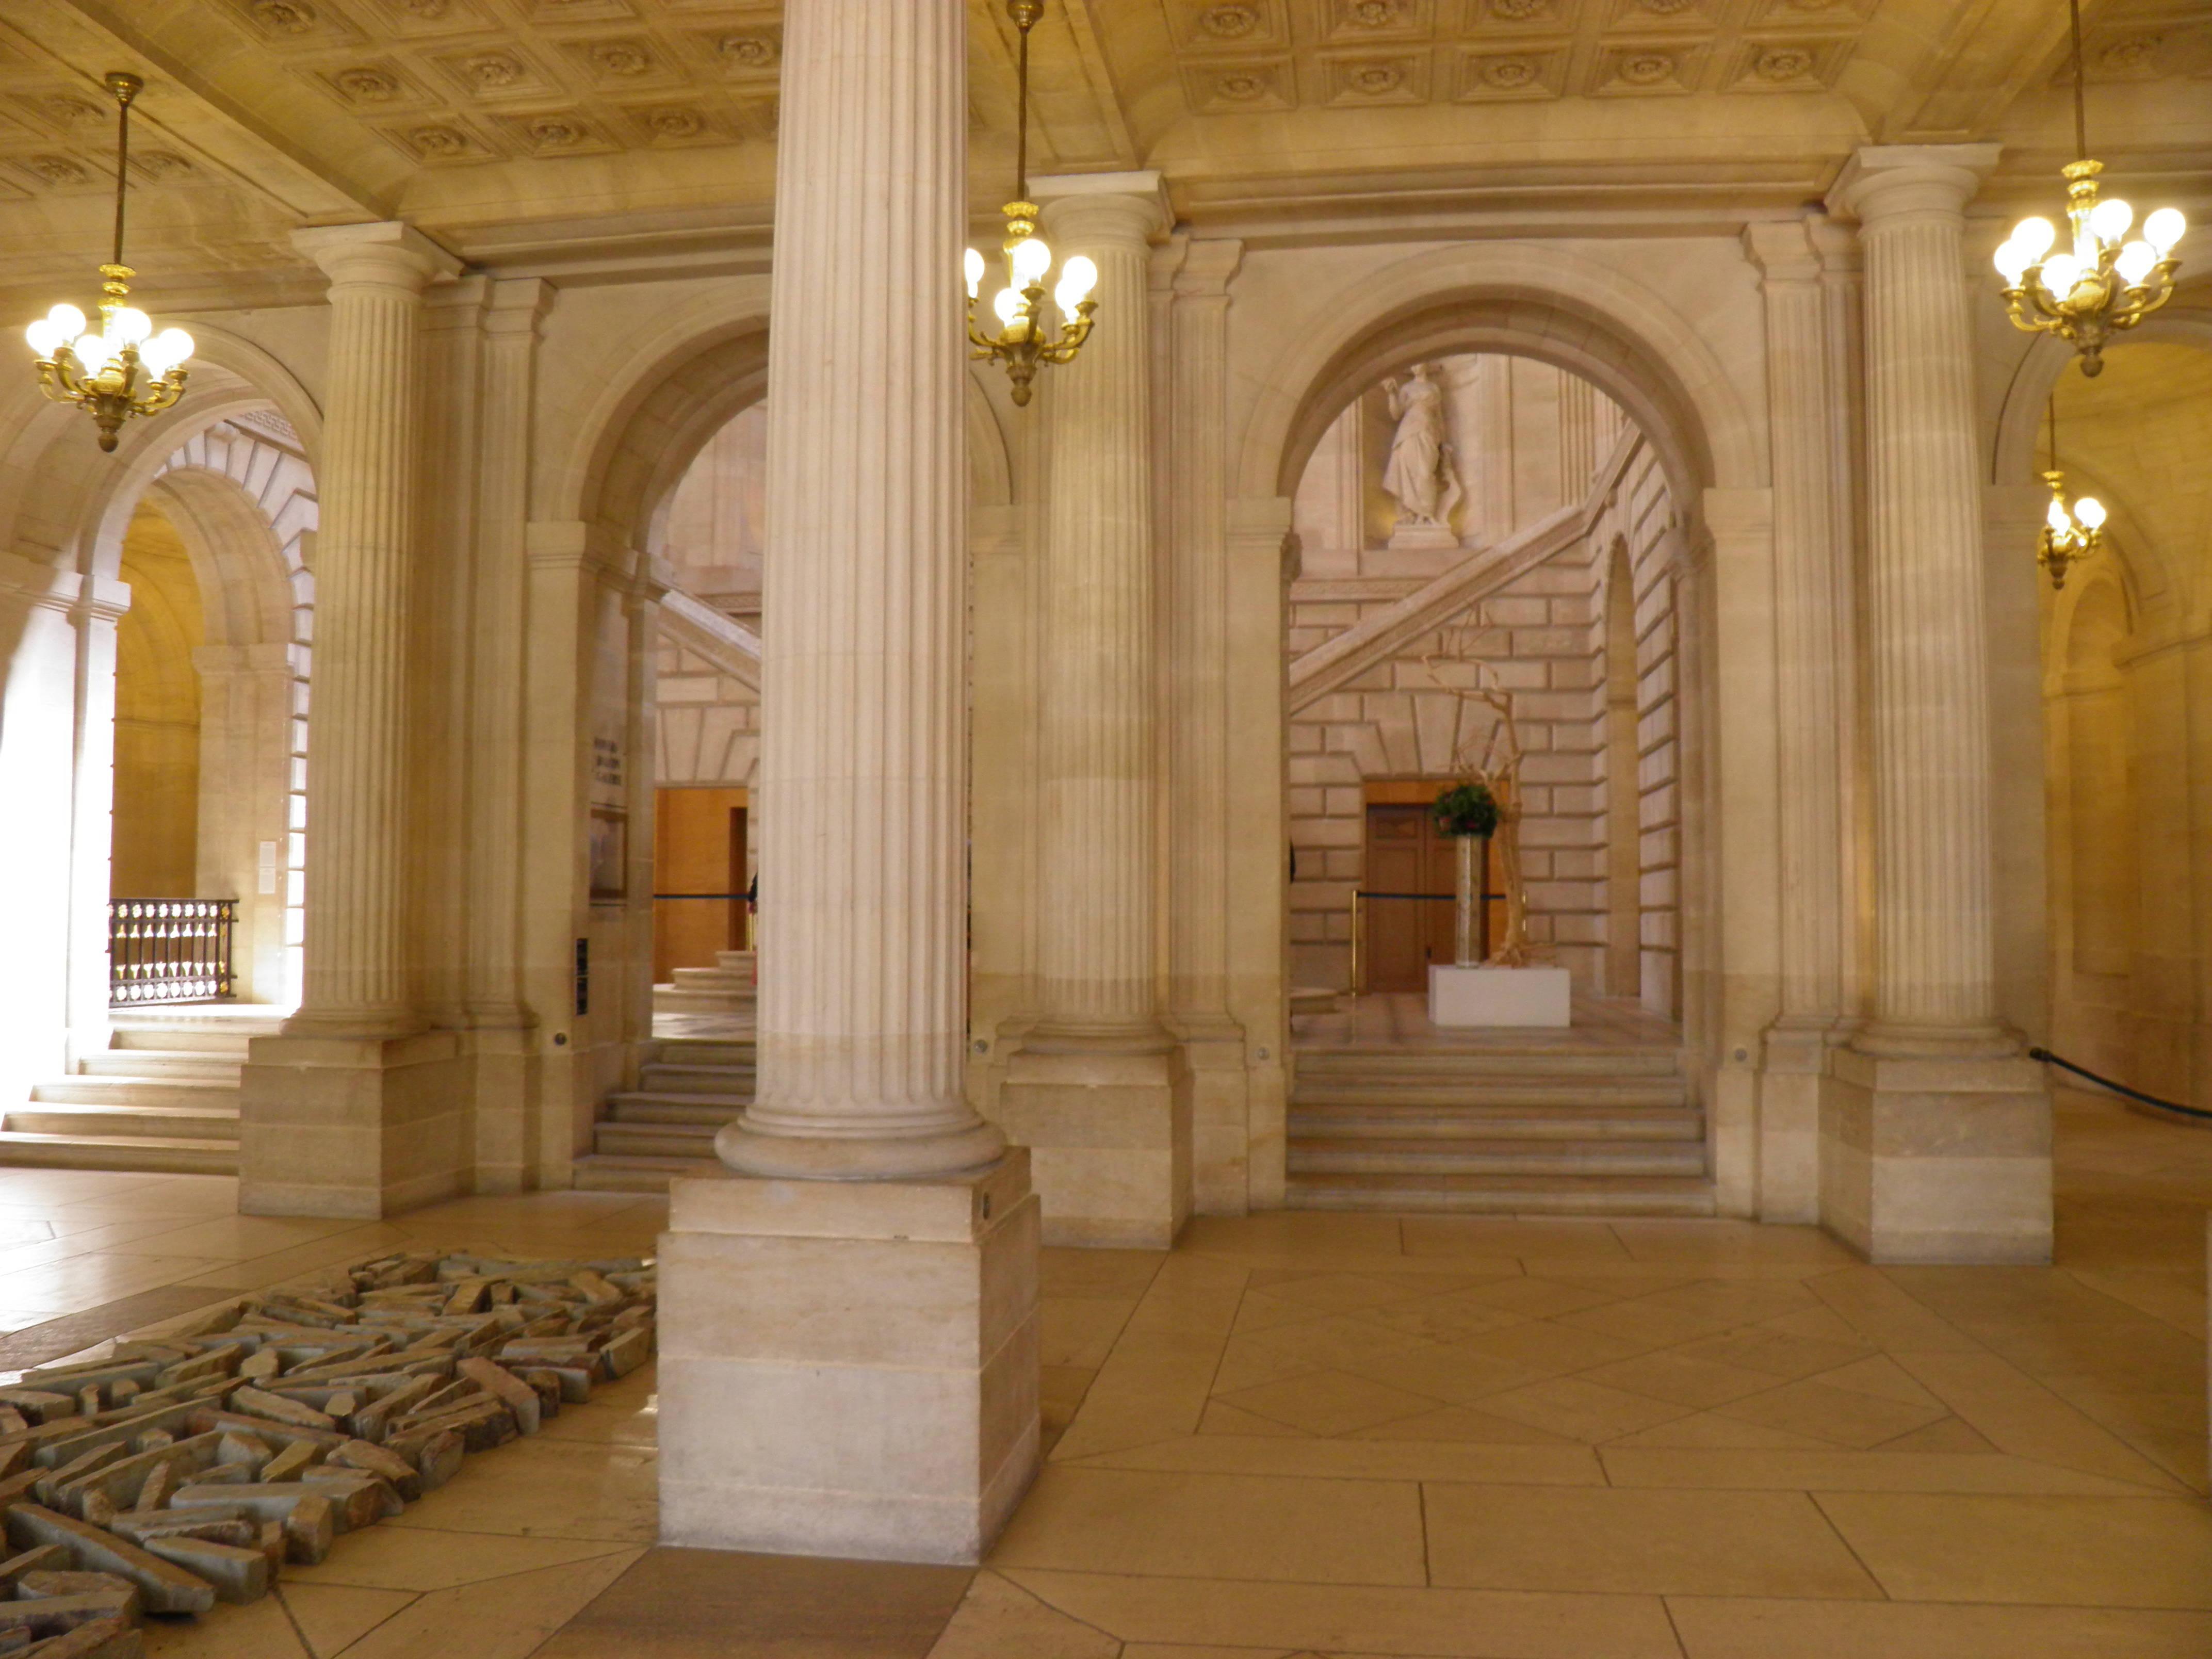 Architecte Interieur Bordeaux file:opéra - intérieur (bordeaux) - wikimedia commons